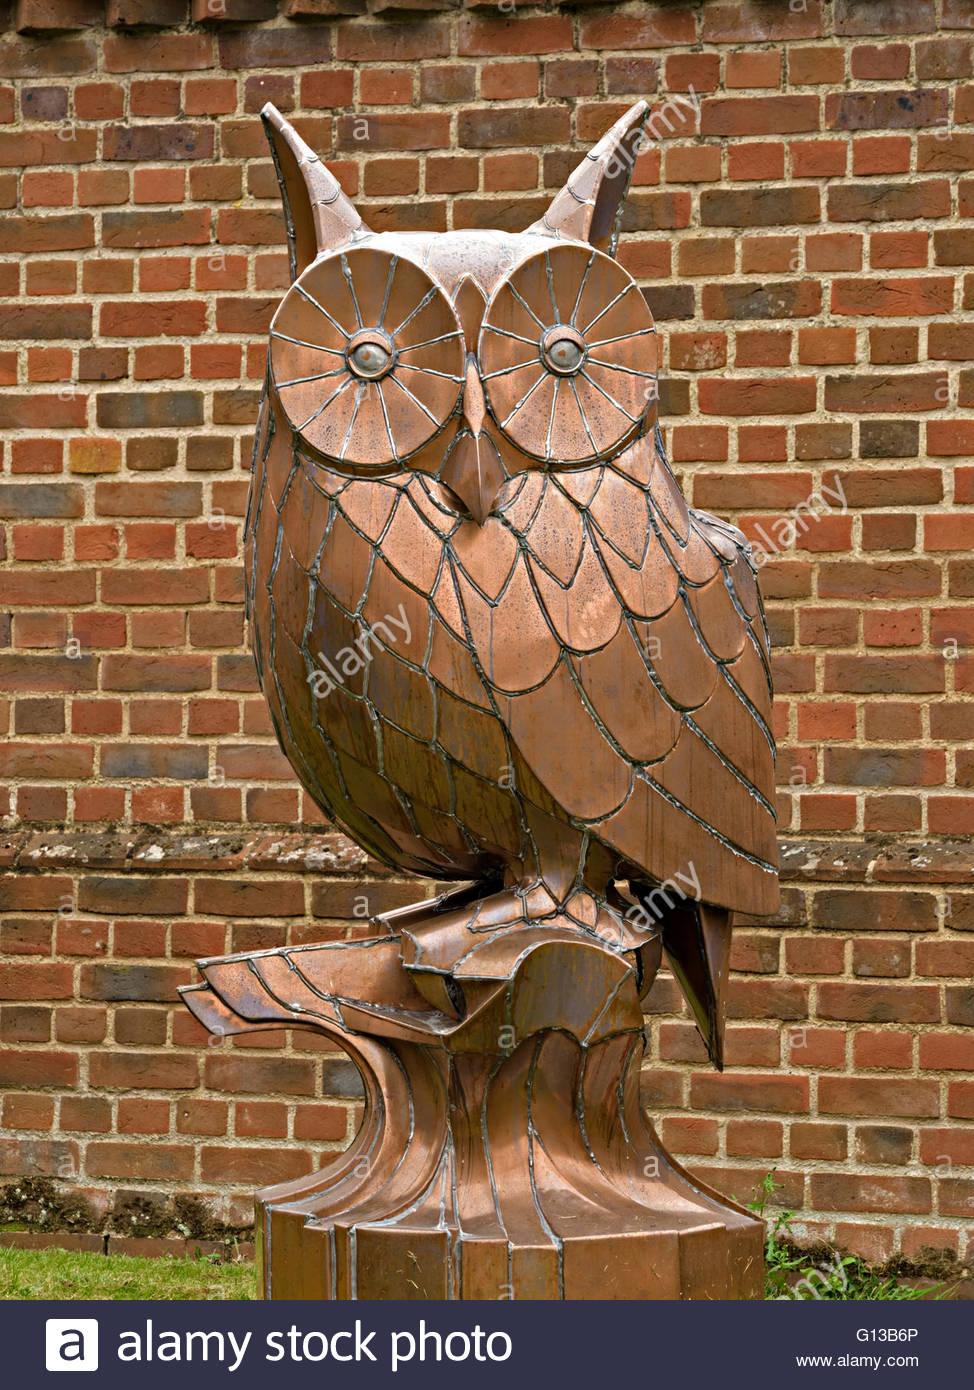 Owl Sculpture In Garden Stock Photos & Owl Sculpture In Garden Stock ...